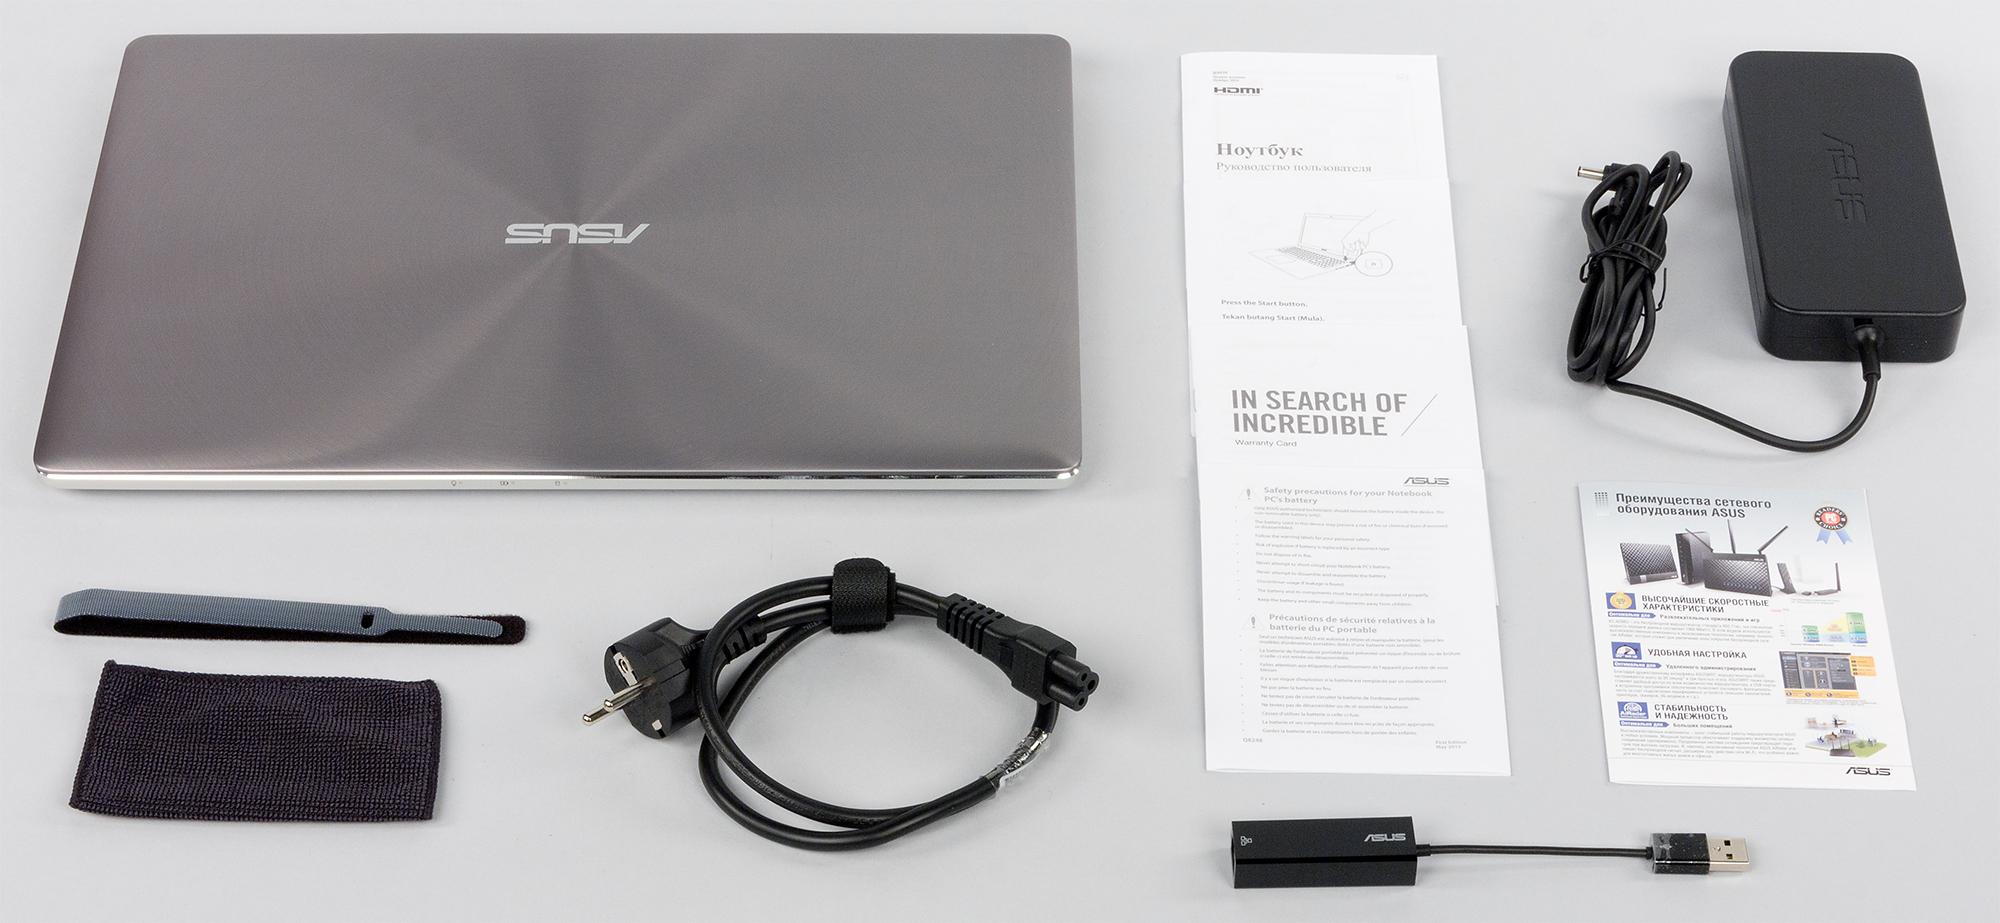 Визуальный осмотр ноутбука